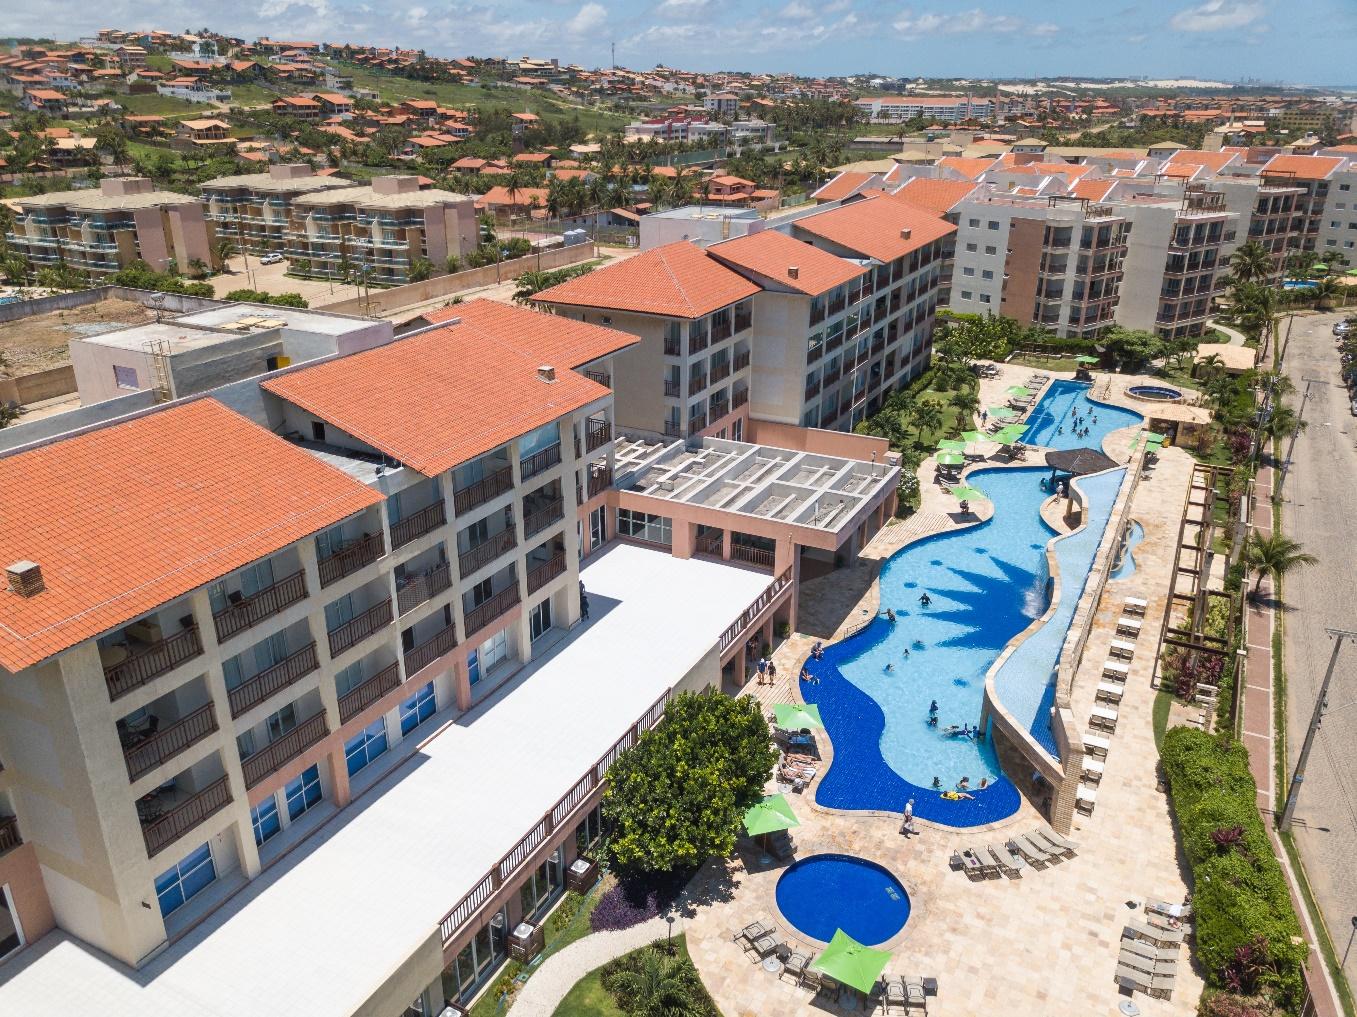 Hotéis do Beach Park têm certificação máxima daRCI2020